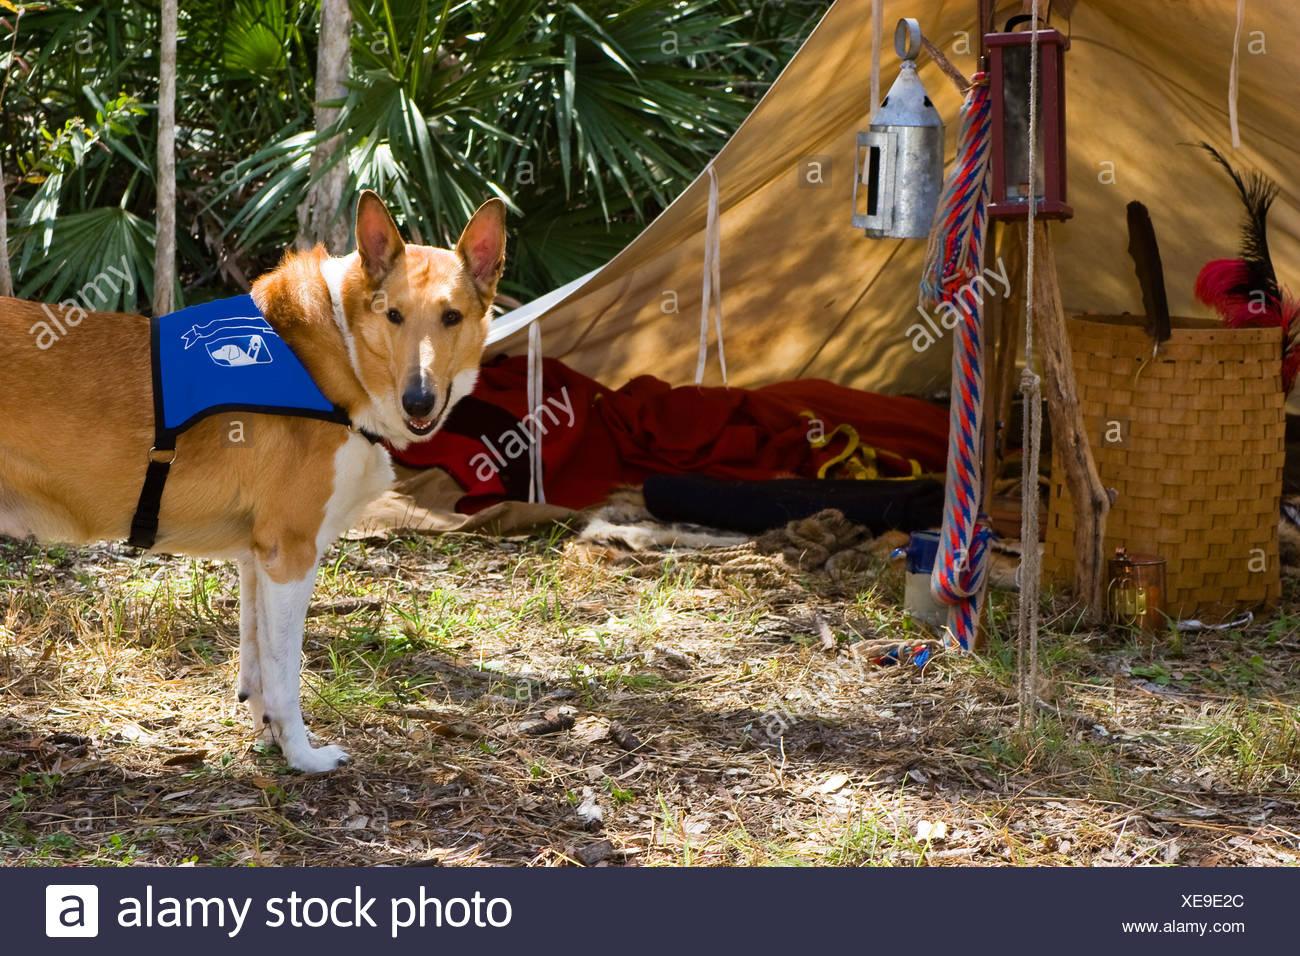 Dog Tent Stock Photos & Dog Tent Stock Images - Alamy